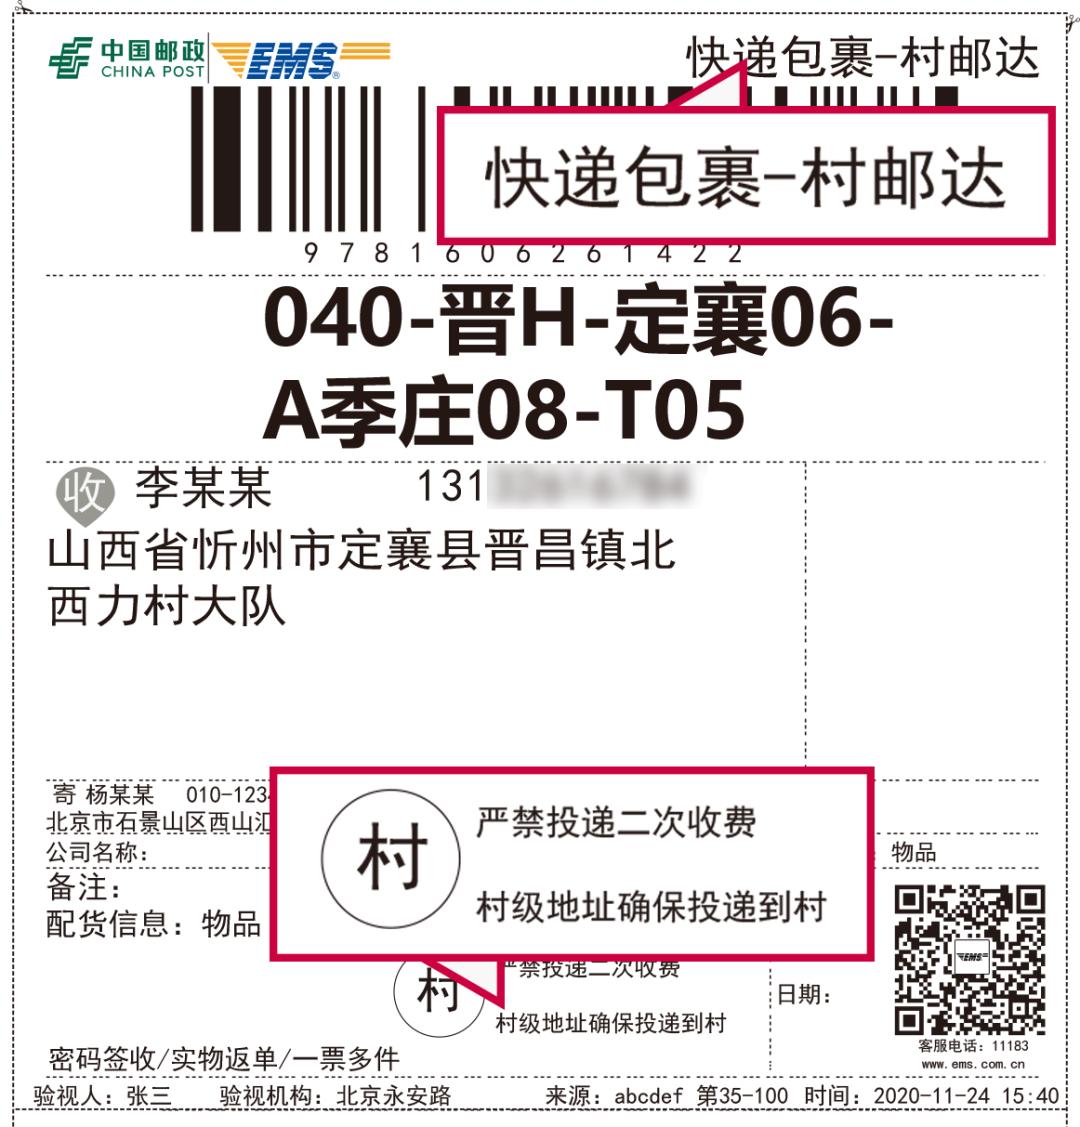 商务部:力争到 2025 年村村通快递,县县有物流配送中心